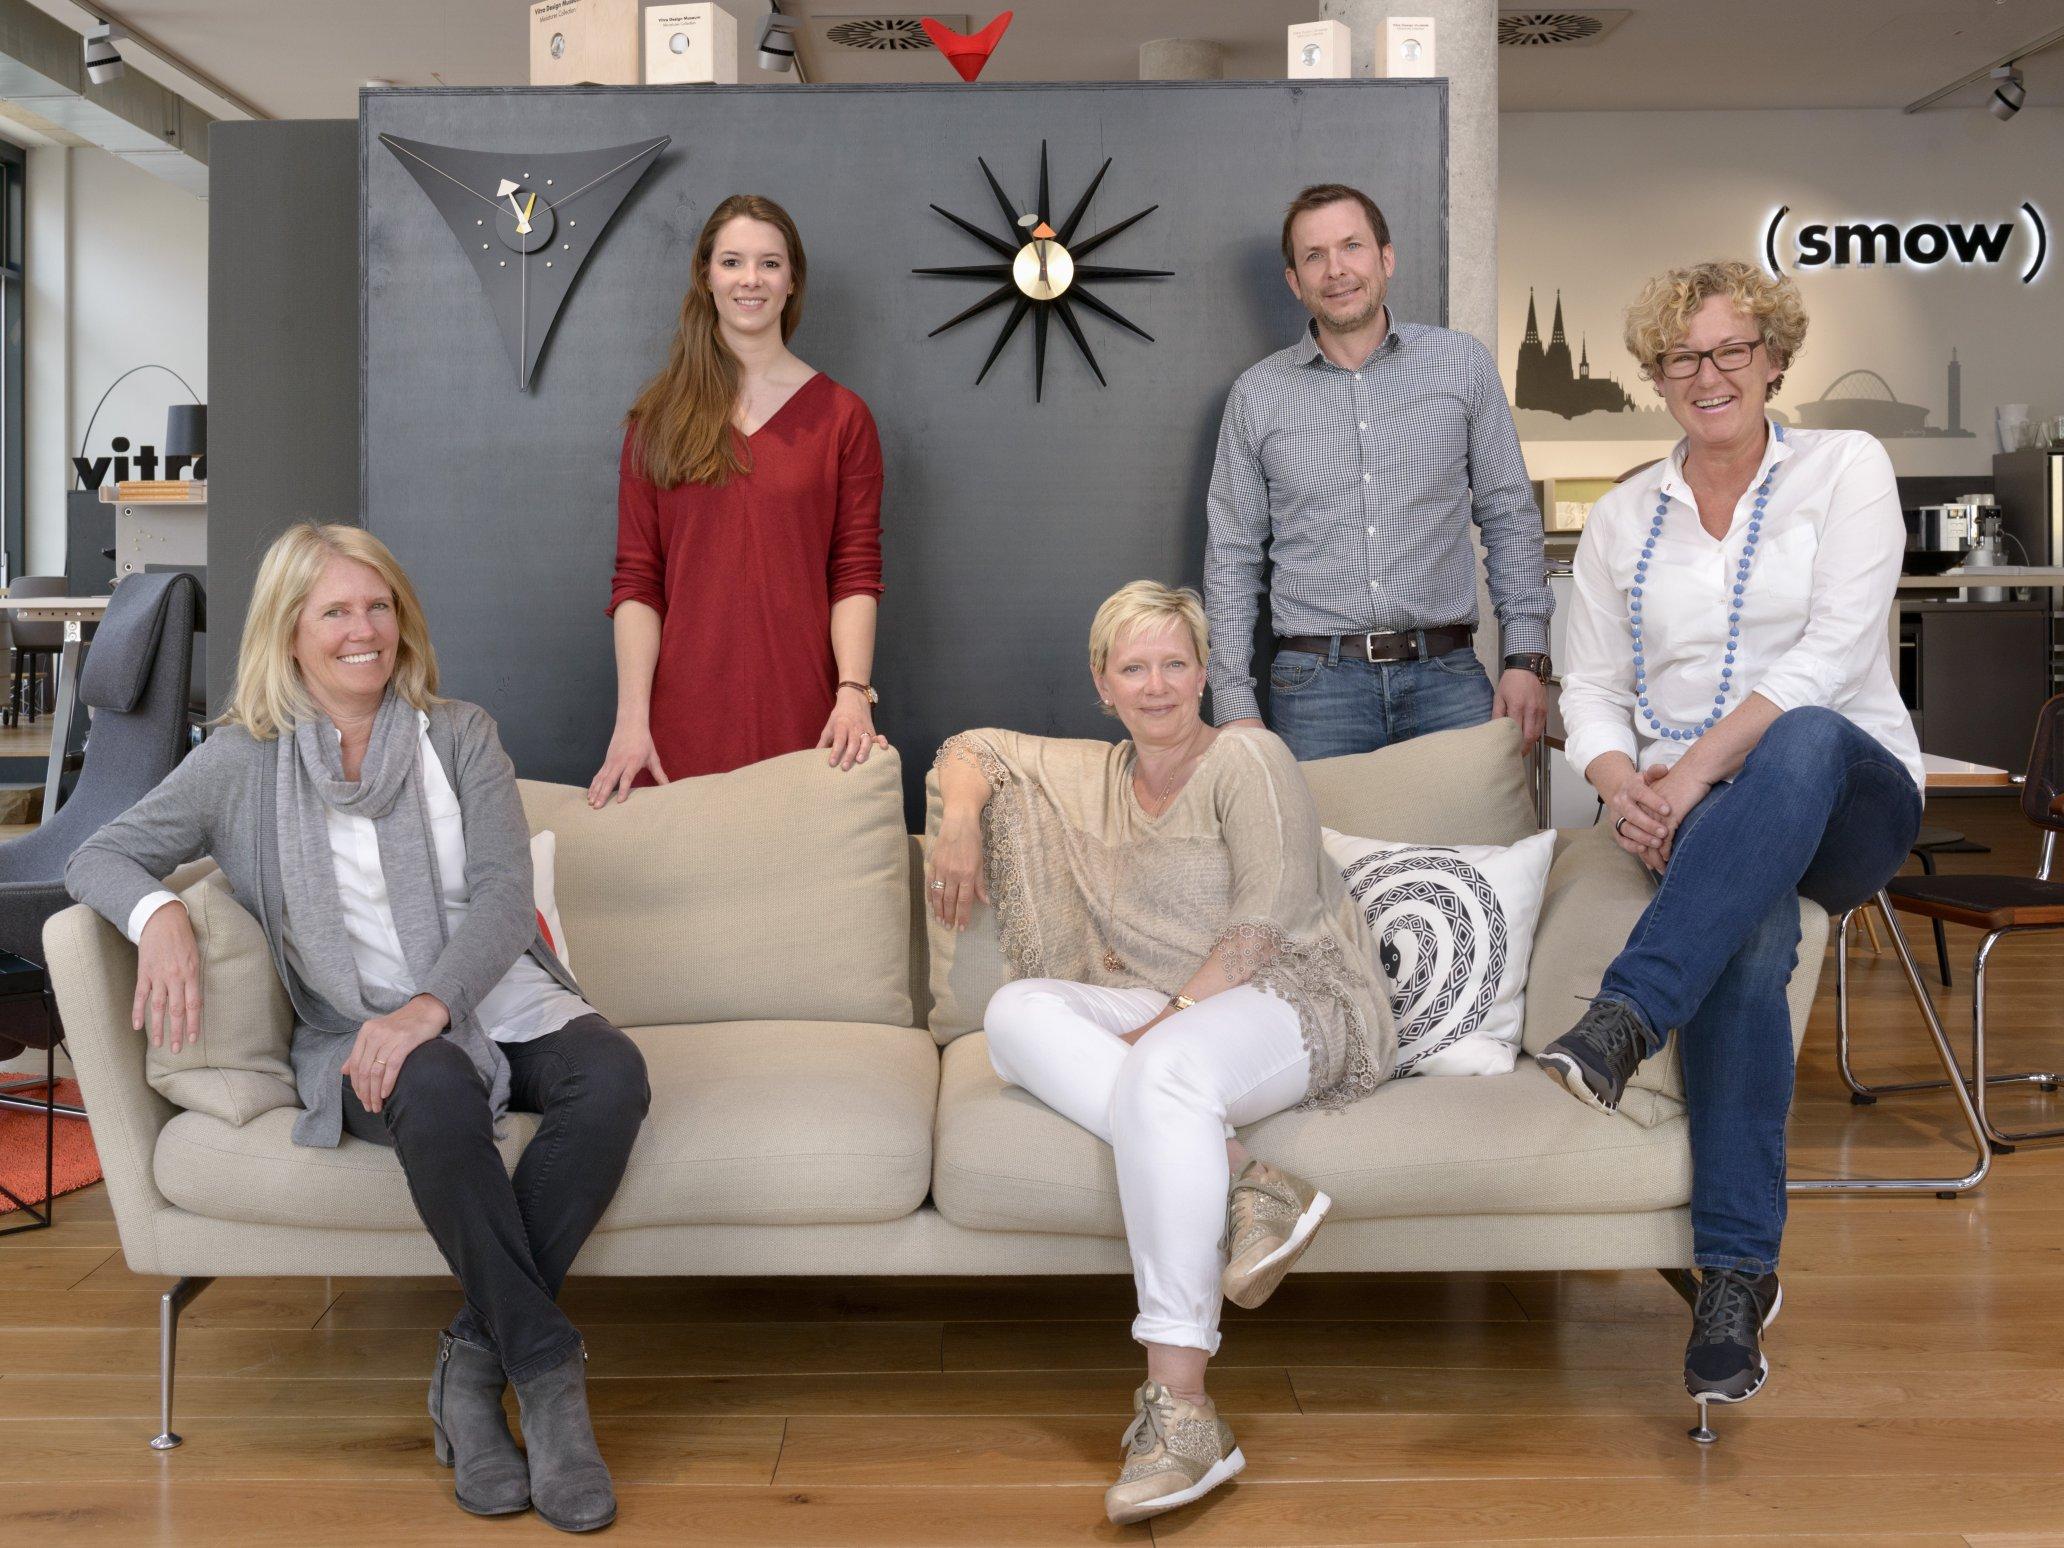 Das Team des Kölner smow Stores